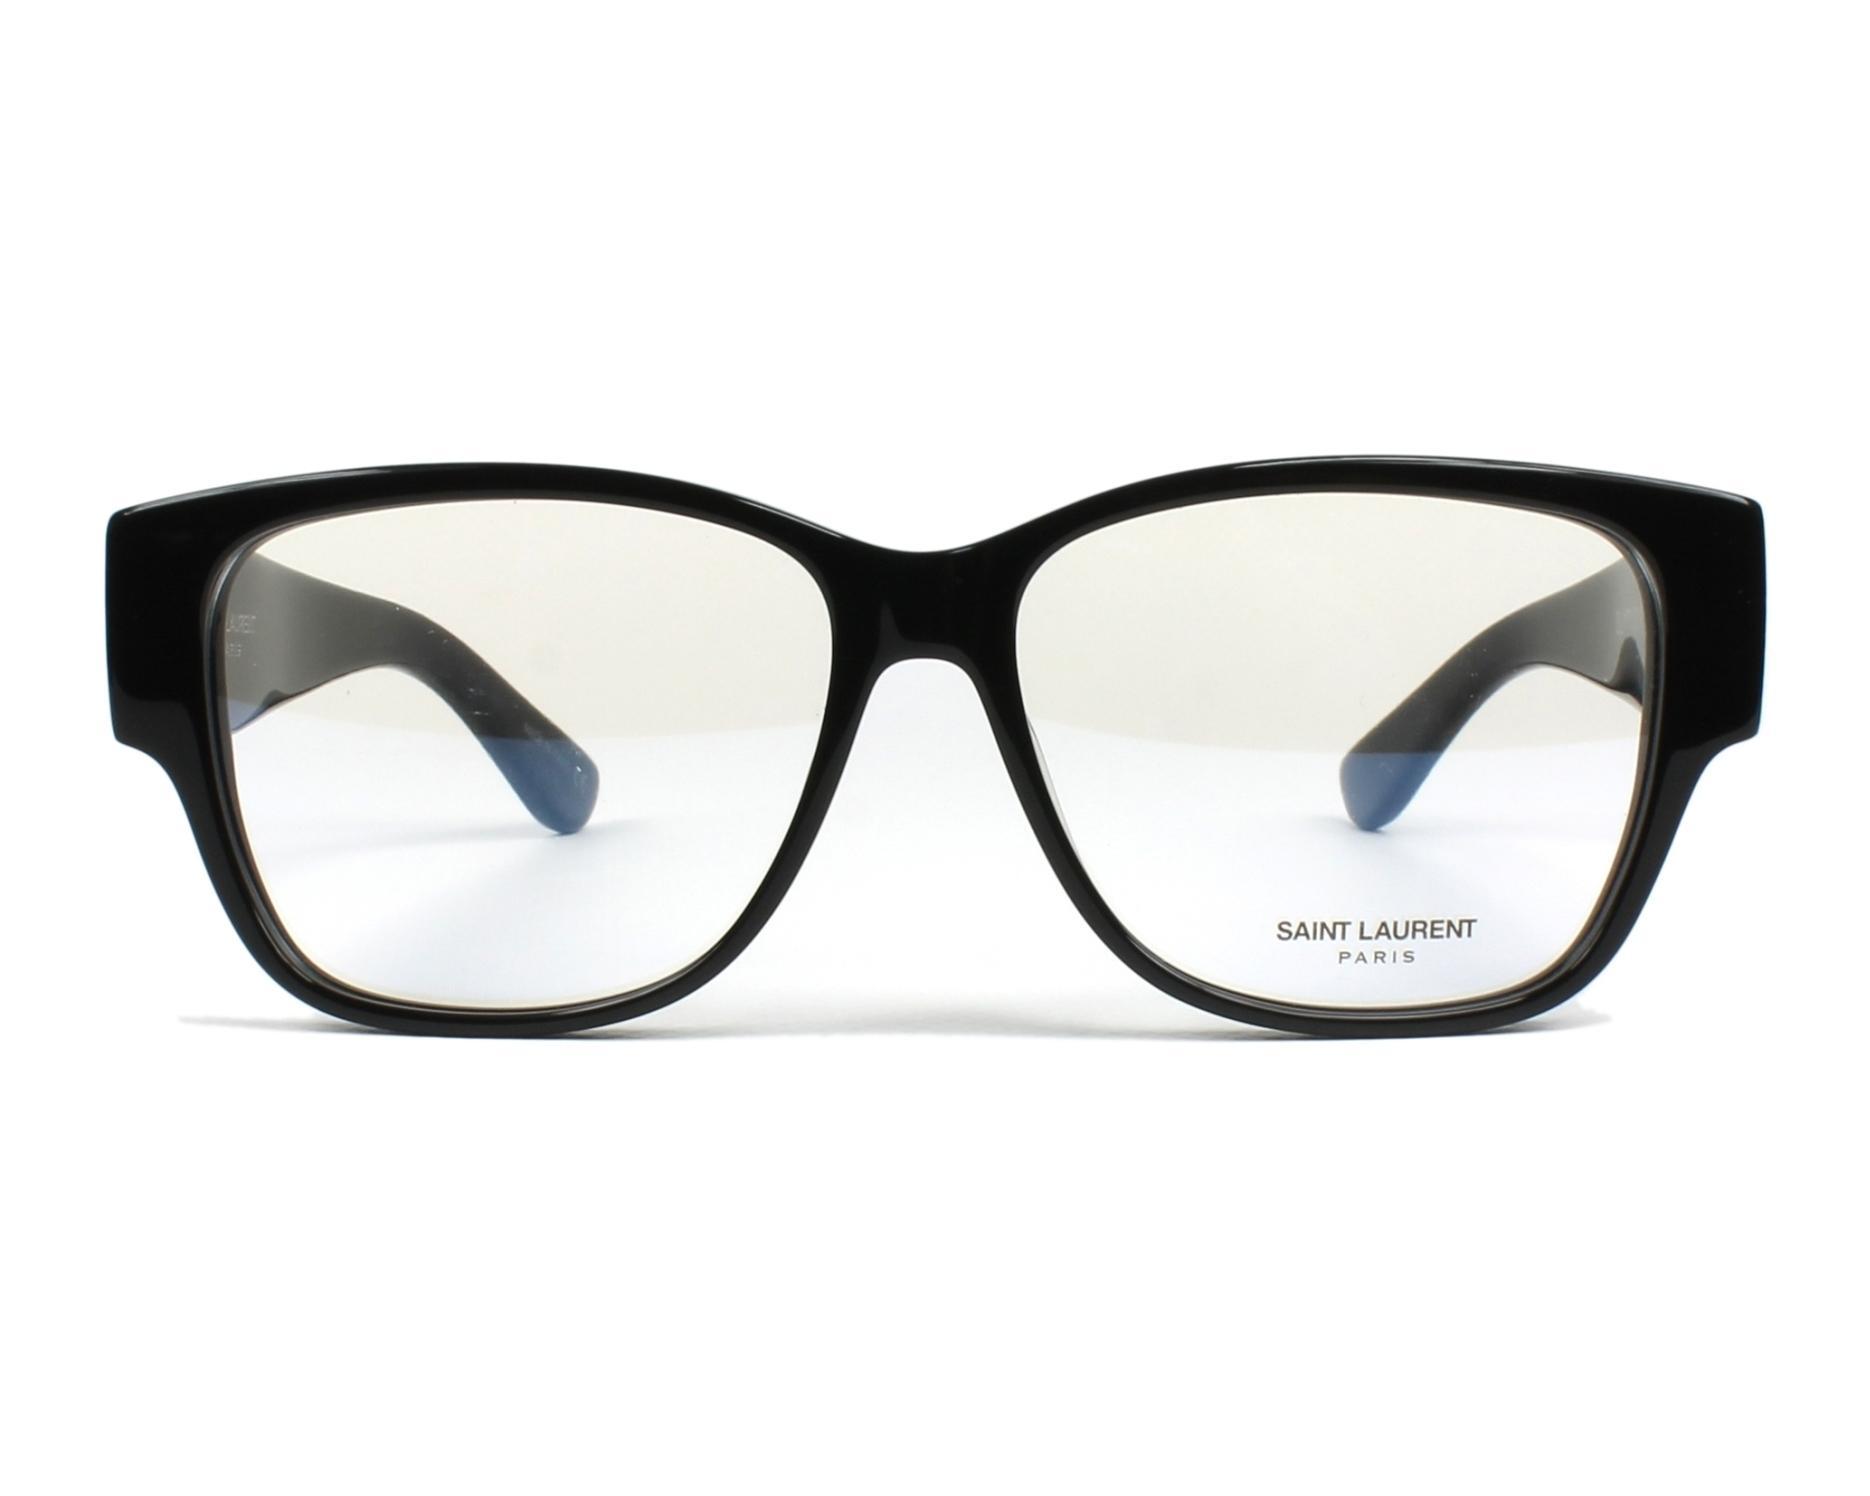 d0ffefa1bc574 Lunettes de vue Yves Saint Laurent SLM-7 001 55-14 Noir vue de